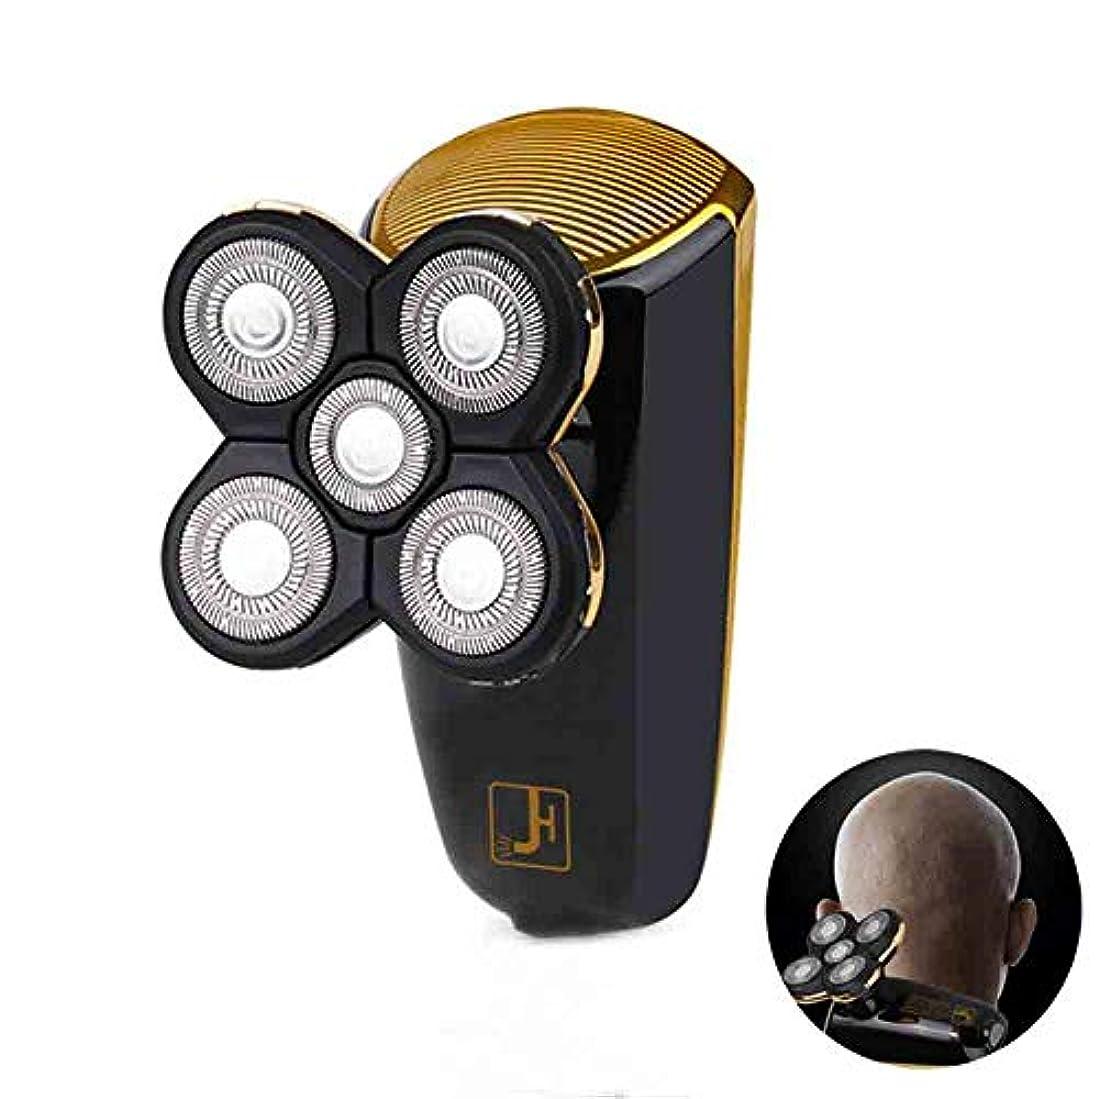 ひも現金なぜなら電気シェーバー、USB 充電5頭電気シェーバー全身洗浄することができます、LED ブートディスプレイ車脱毛、黒